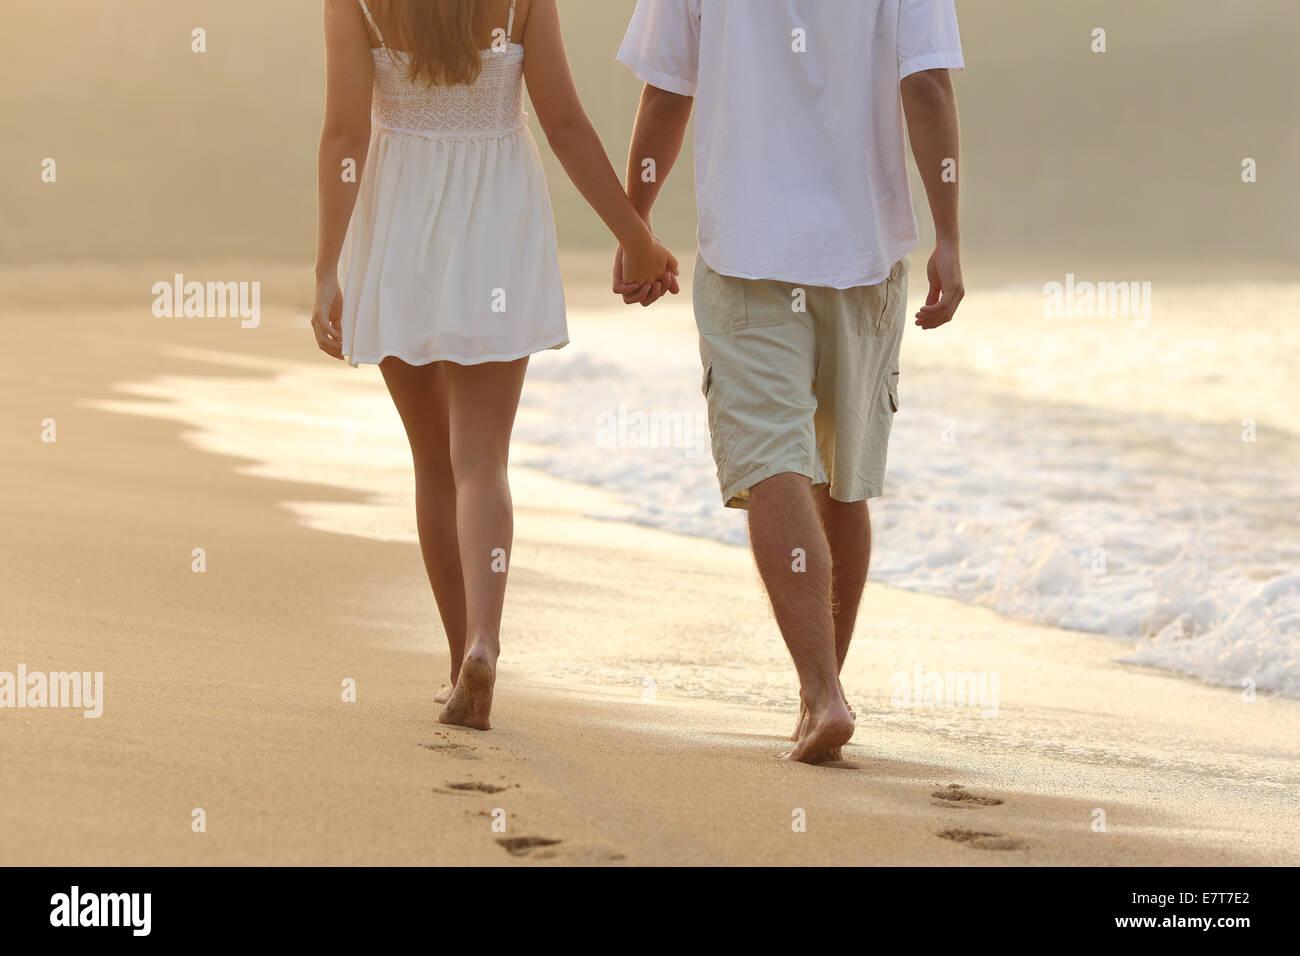 Vista posterior de una pareja dando un paseo tomados de las manos en la playa al amanecer. Imagen De Stock